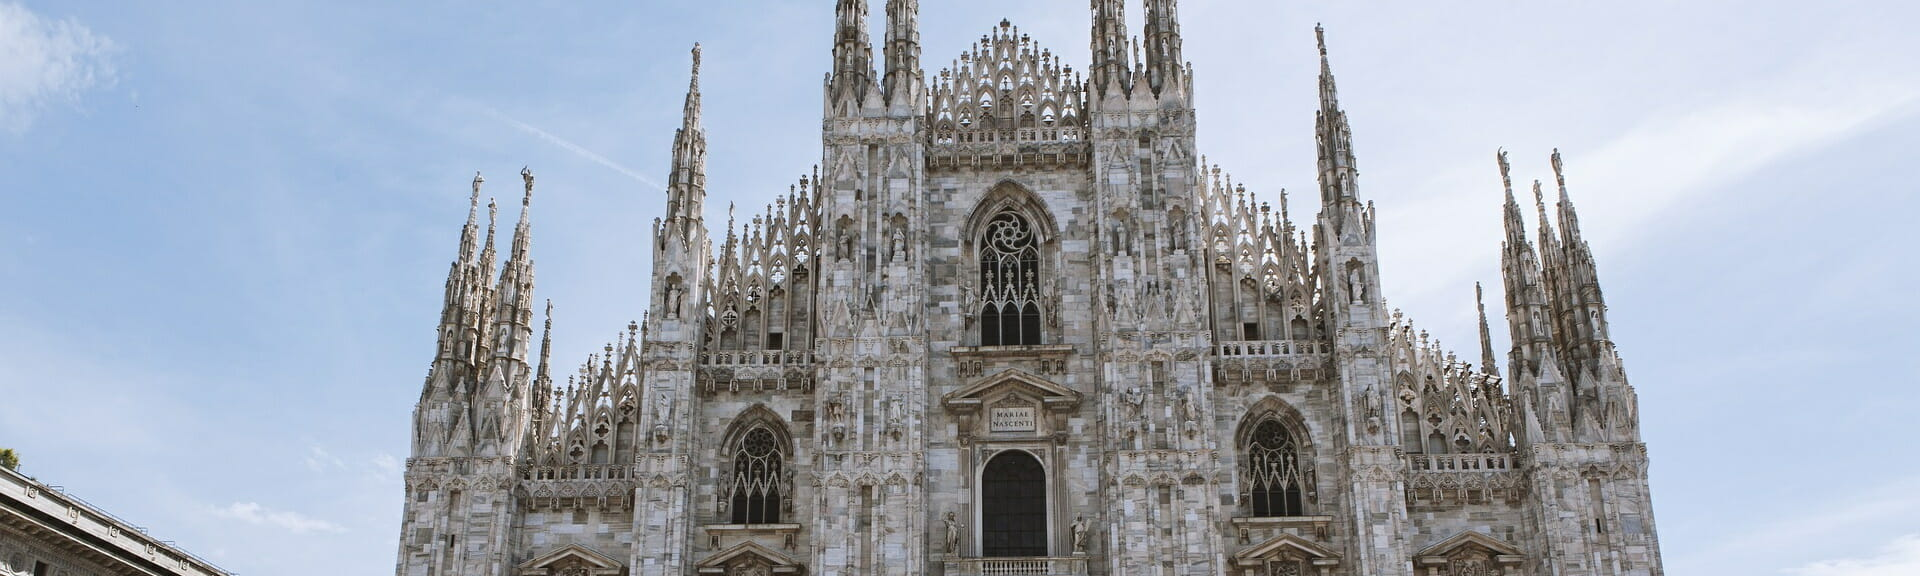 Klassenfahrt Mailand Mailänder Dom